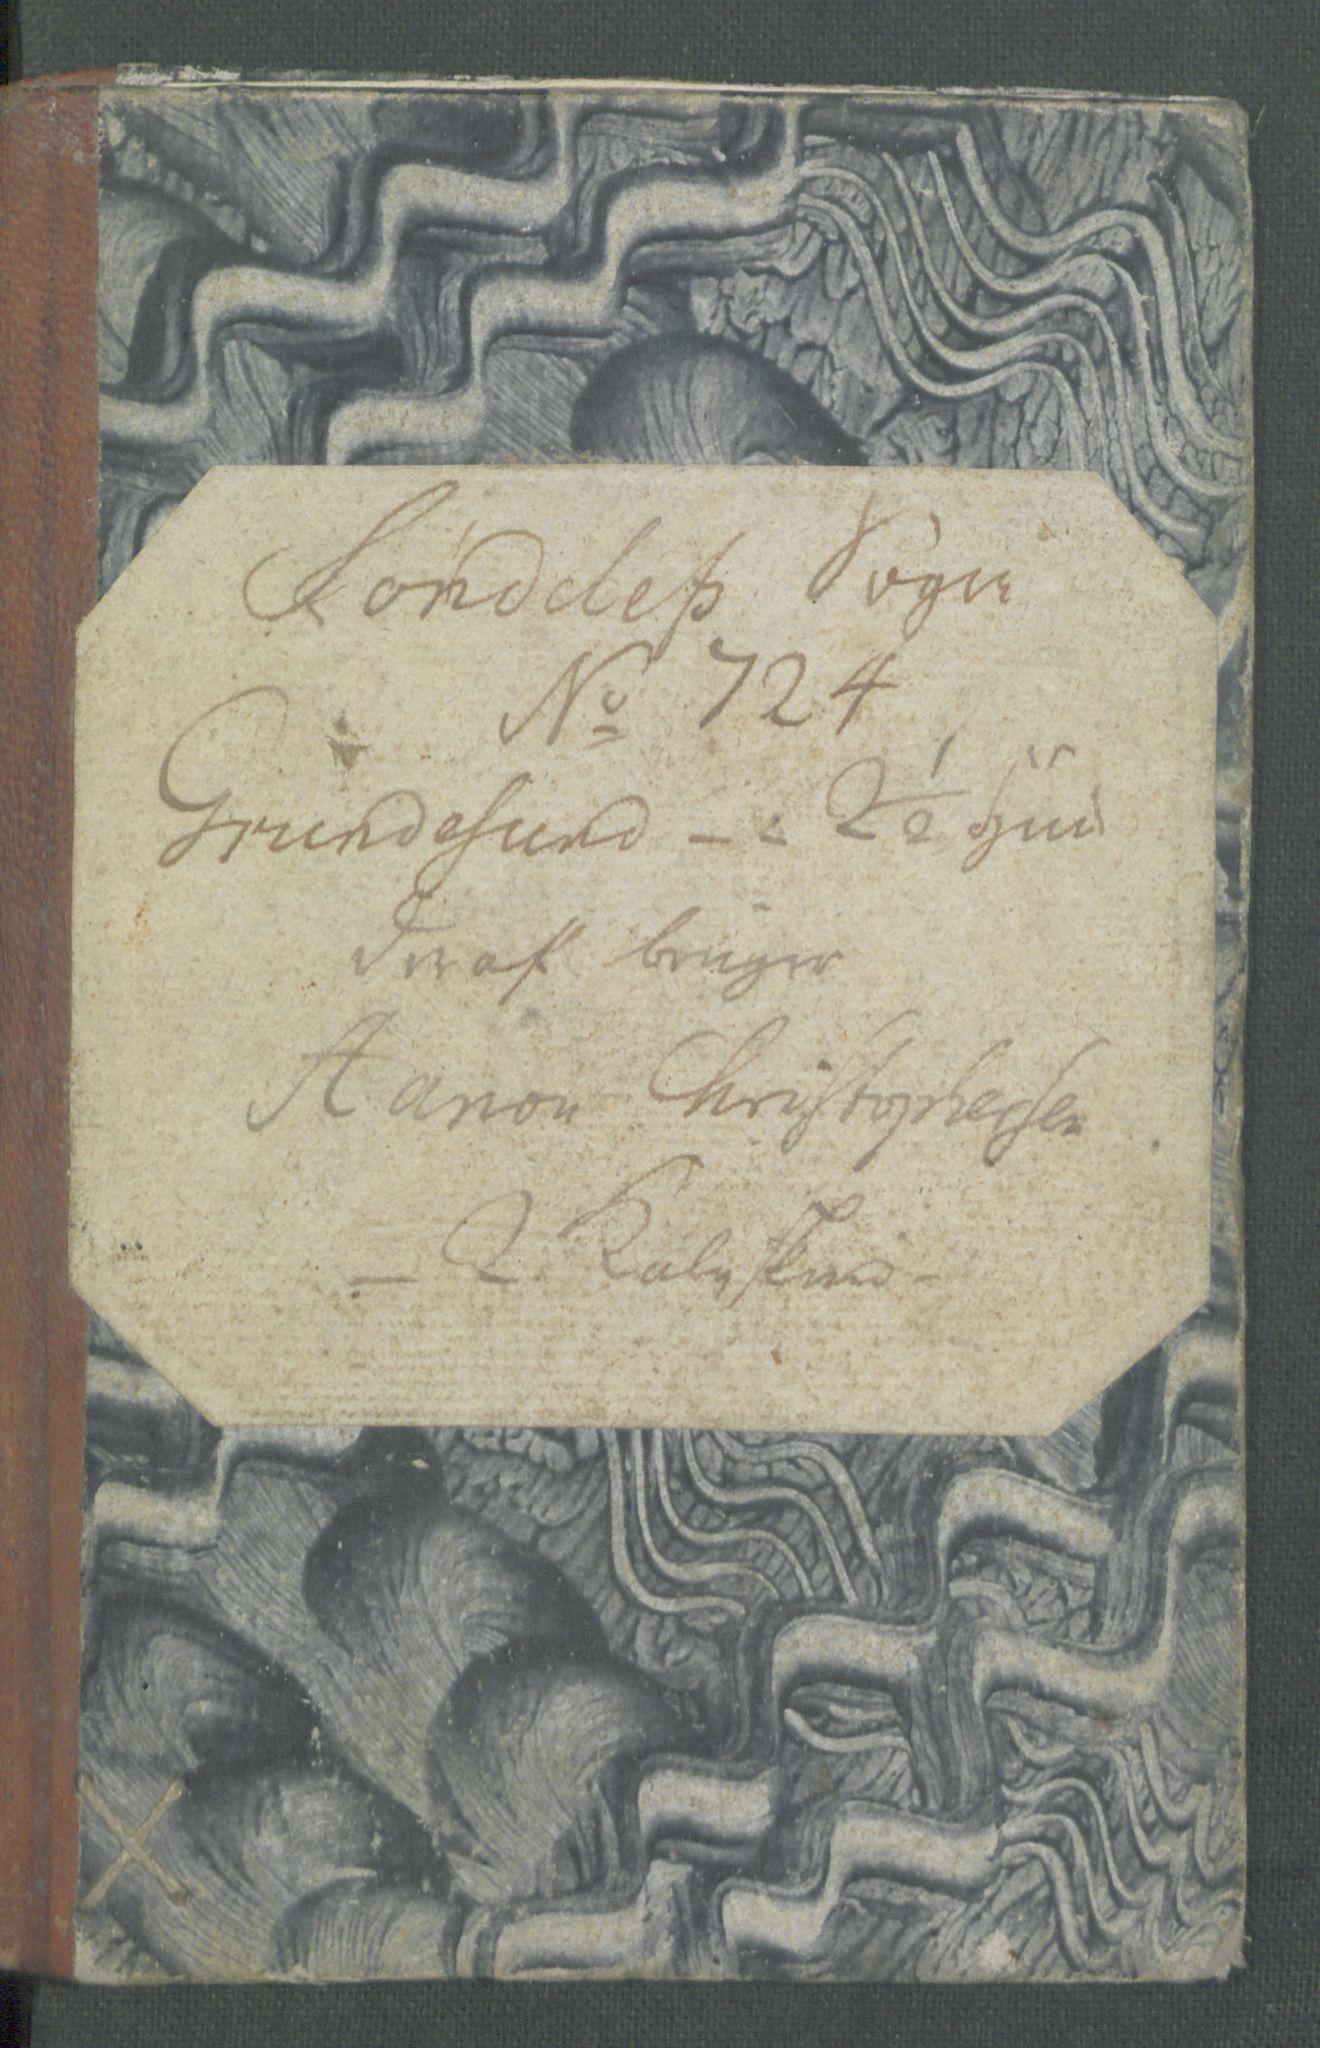 RA, Rentekammeret inntil 1814, Realistisk ordnet avdeling, Od/L0001: Oppløp, 1786-1769, s. 555